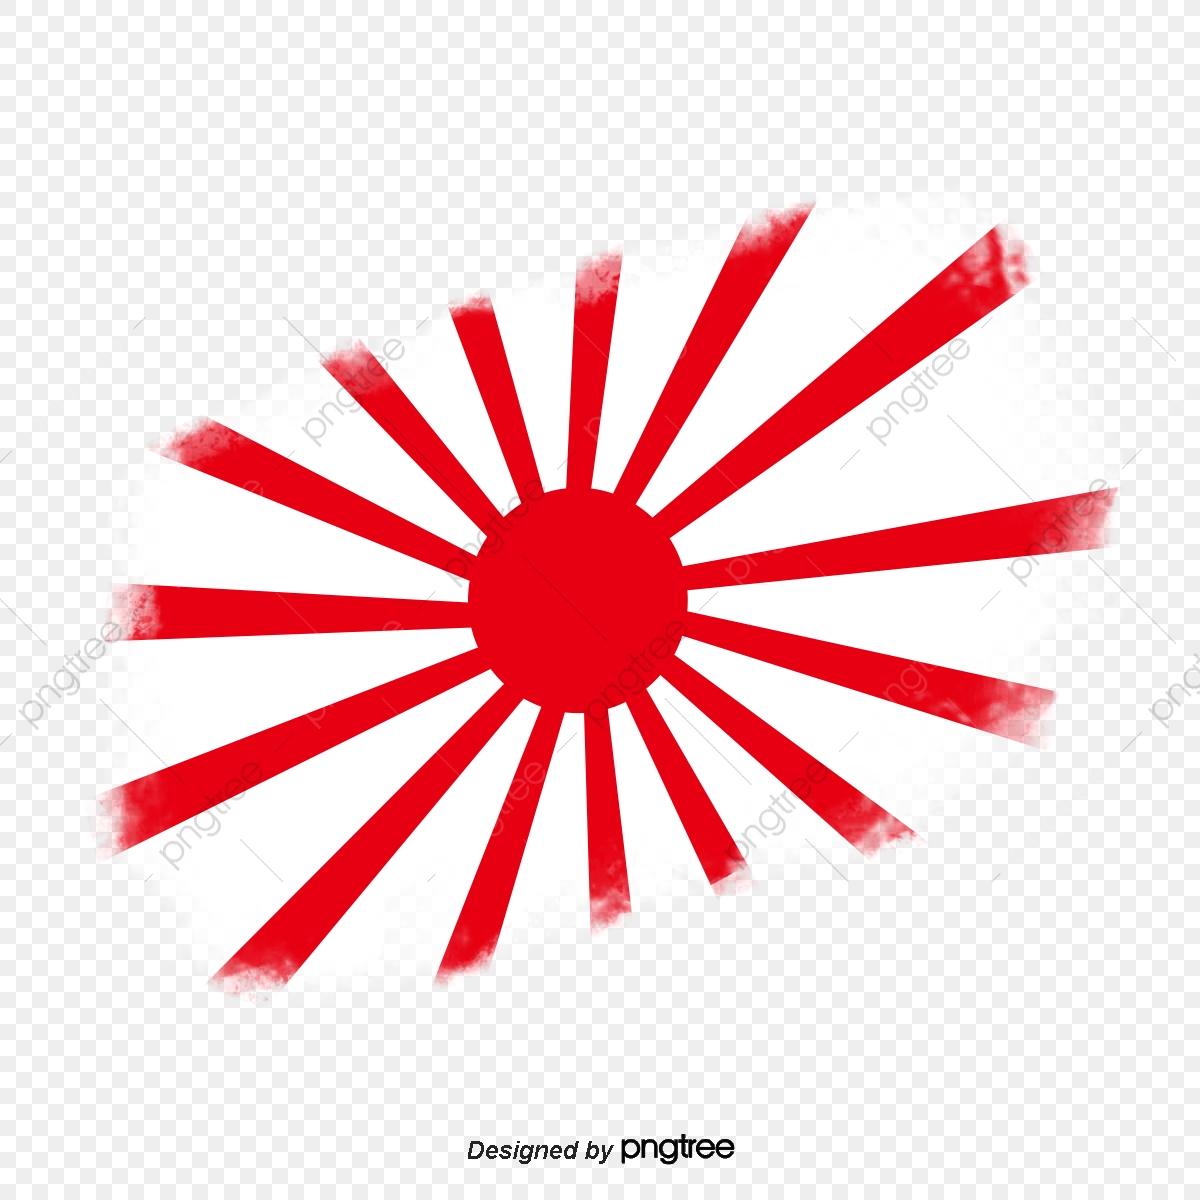 Bandera Japonesa Con Rayas De Radiacion Franja De Radiacion